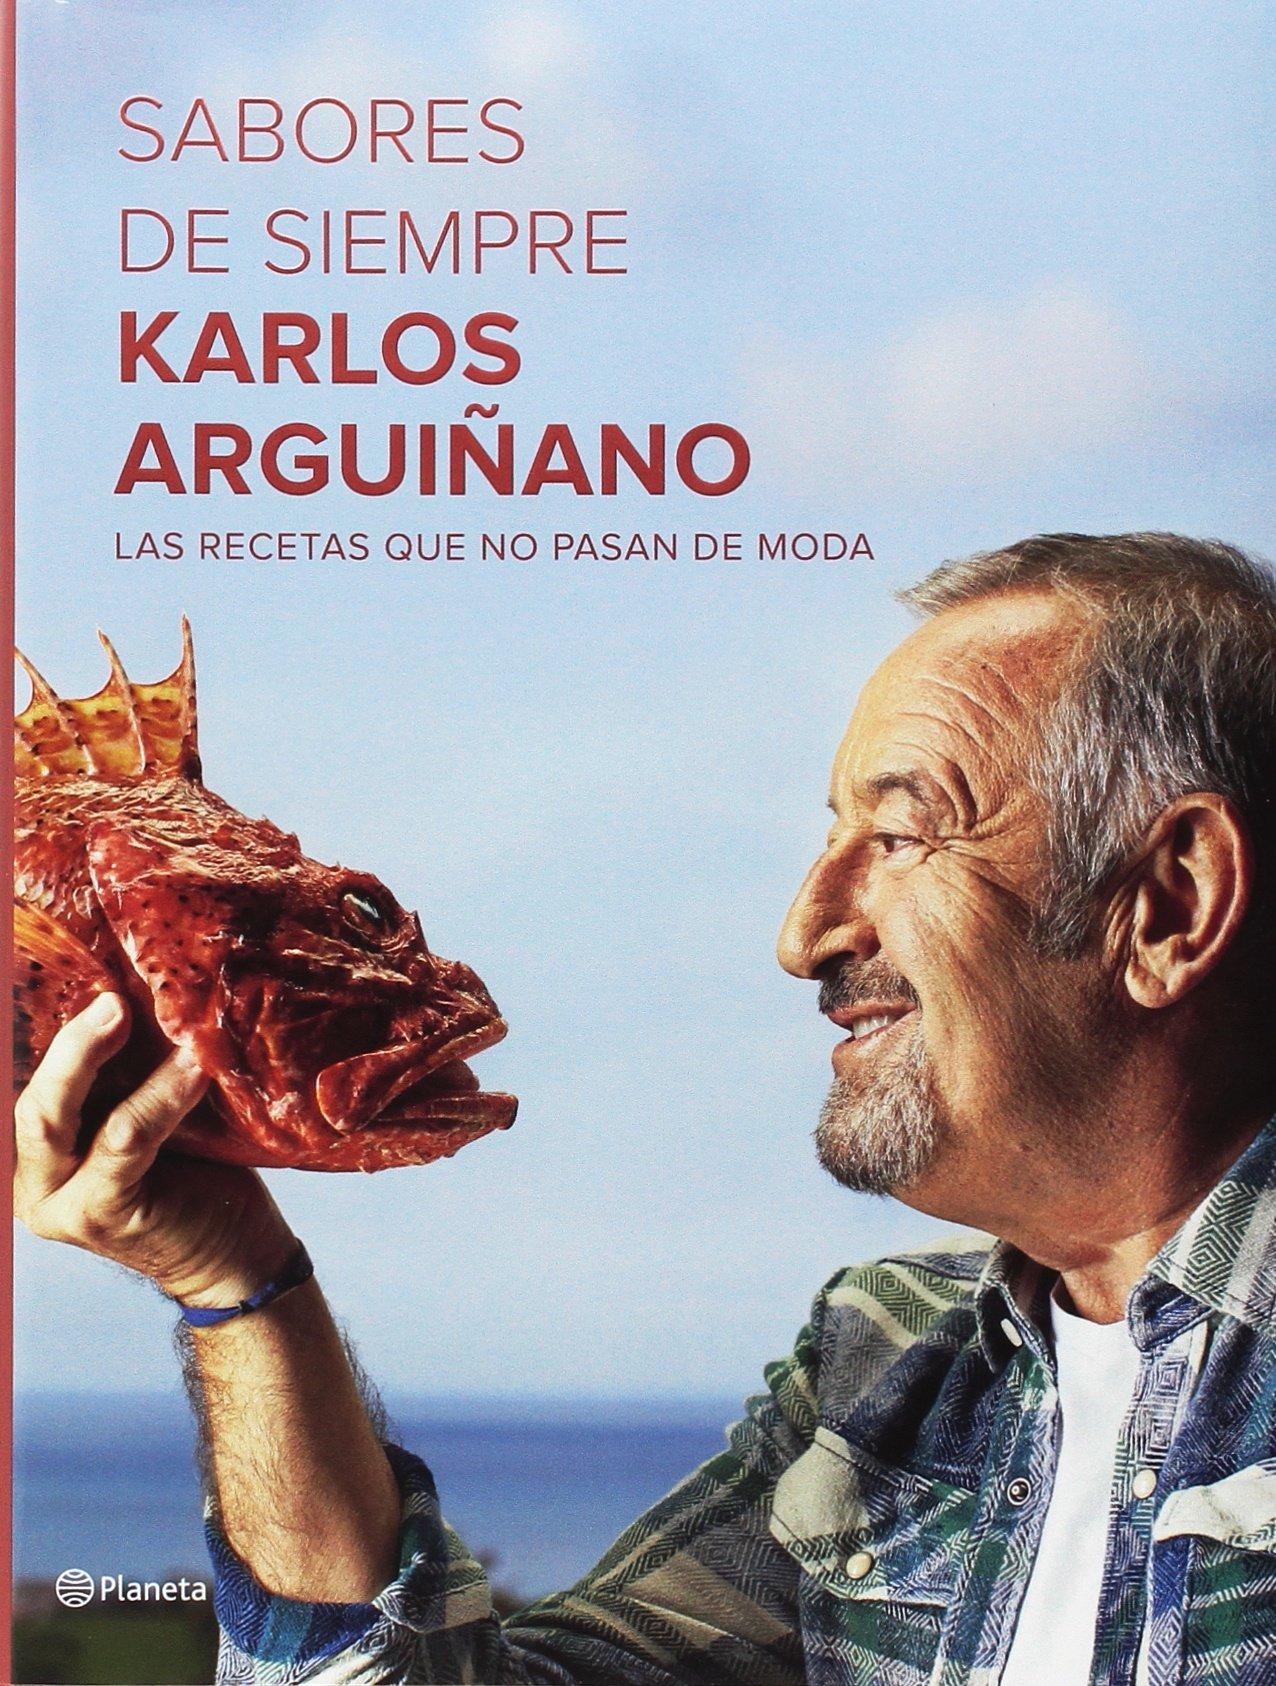 Estuche Navidad Karlos Arguiñano: Karlos Arguiñano ...